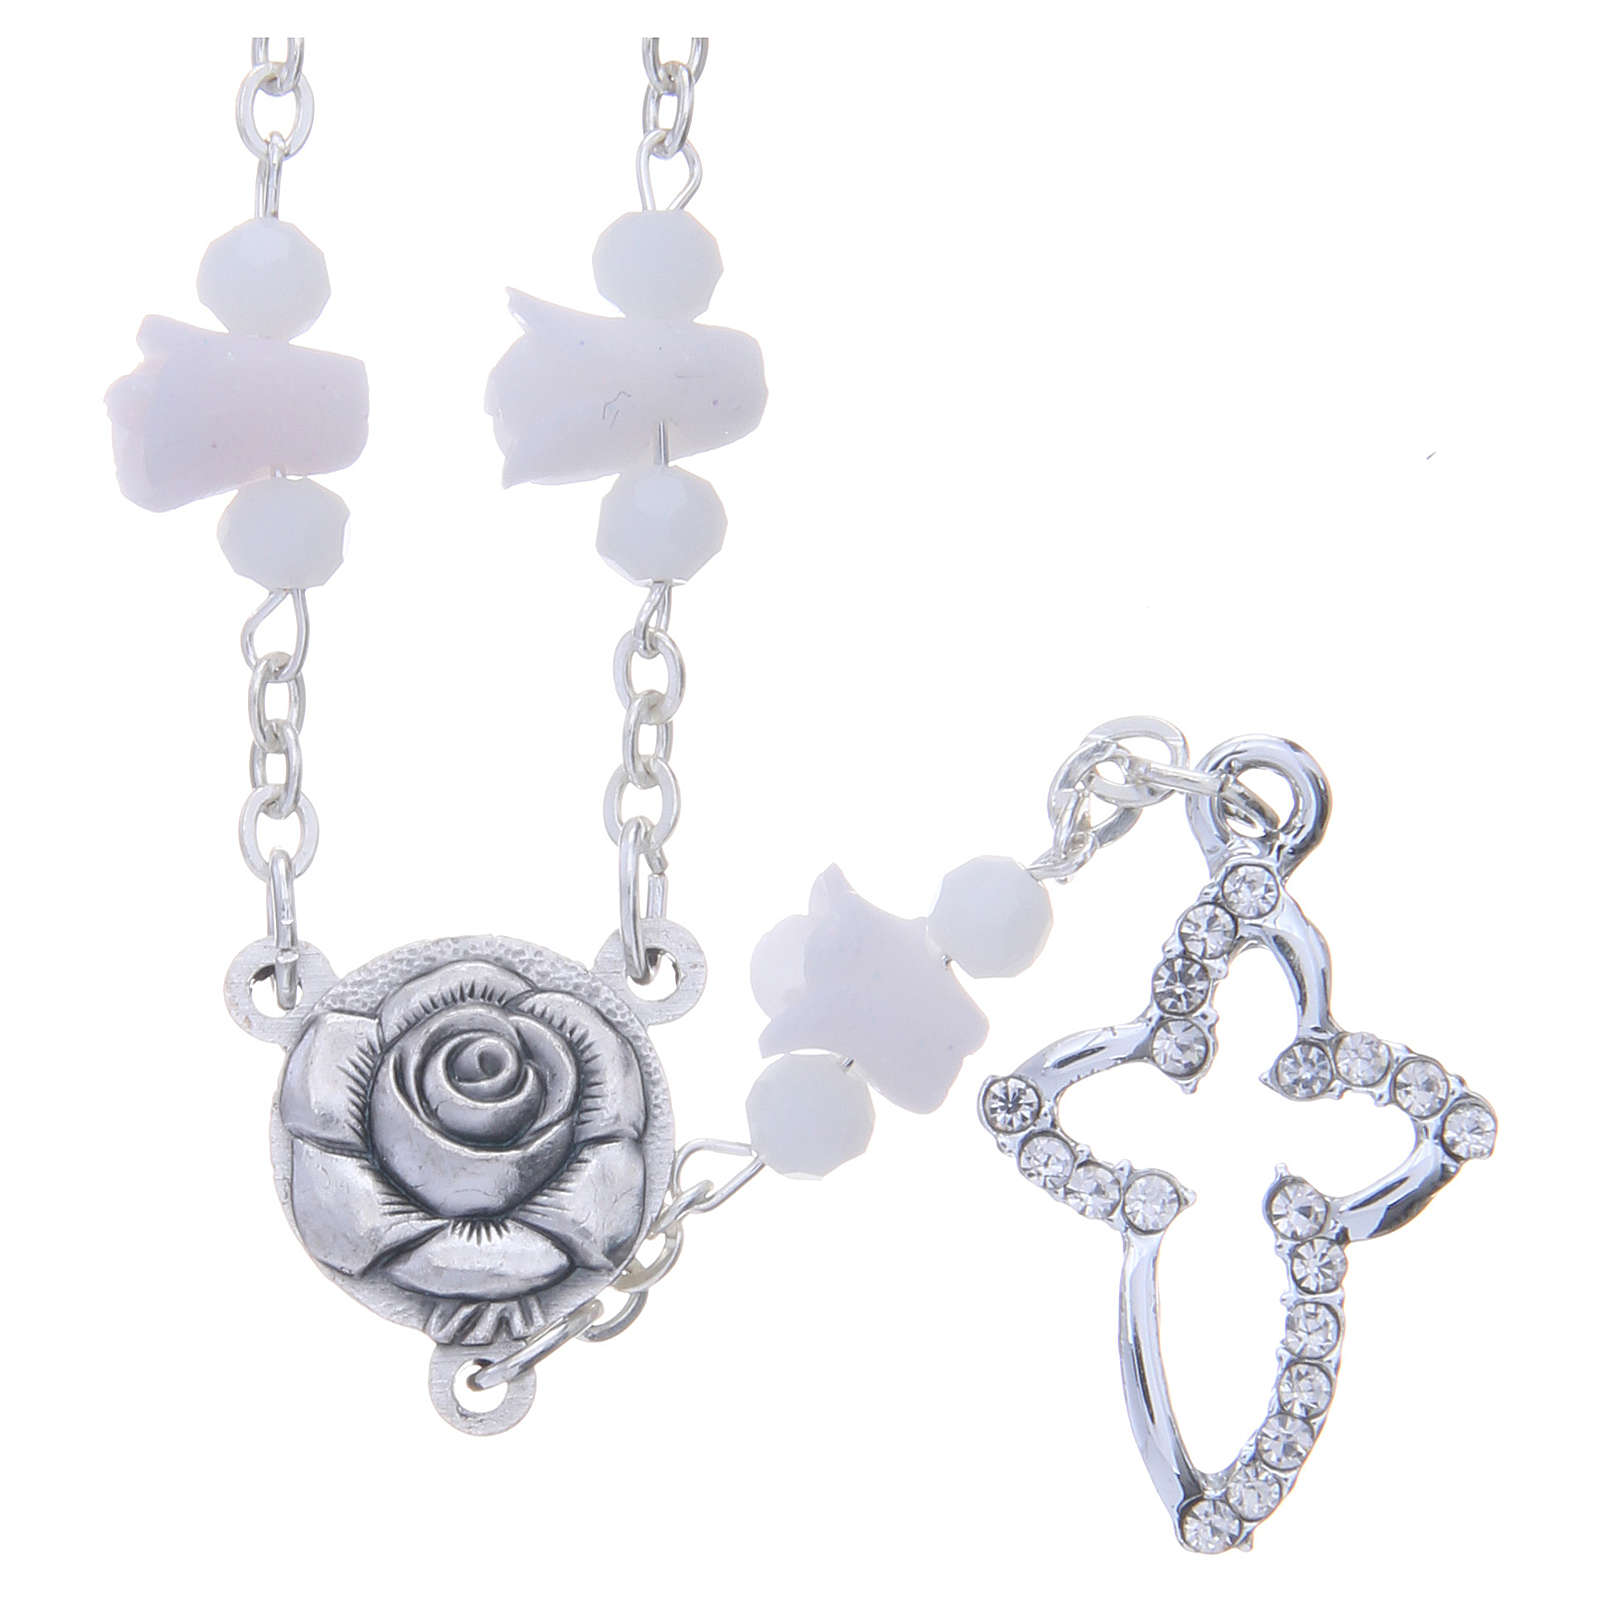 Collana rosario Medjugorje bianca con rose e grani cristallo 4